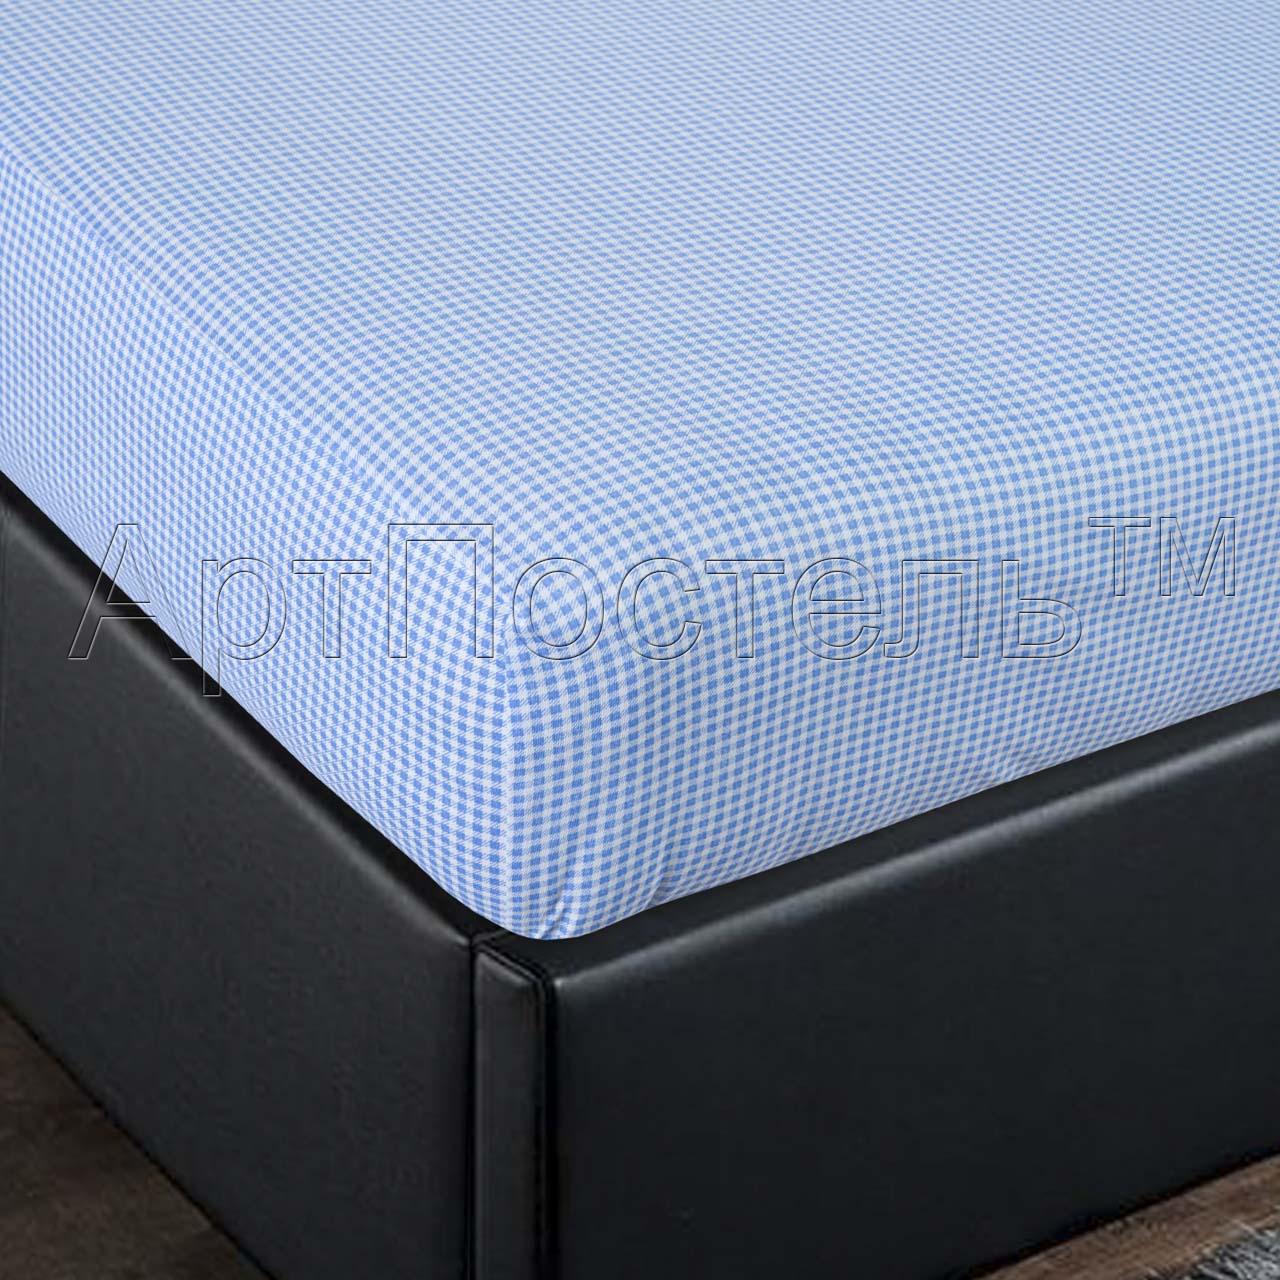 Простыня на резинке Клетка Синий, размер 140х200 смПростыни<br>Плотность ткани:145 г/кв. м<br>Высота матраса:20 см<br><br>Тип: Простыня<br>Размер: 140х200<br>Материал: Кулирка